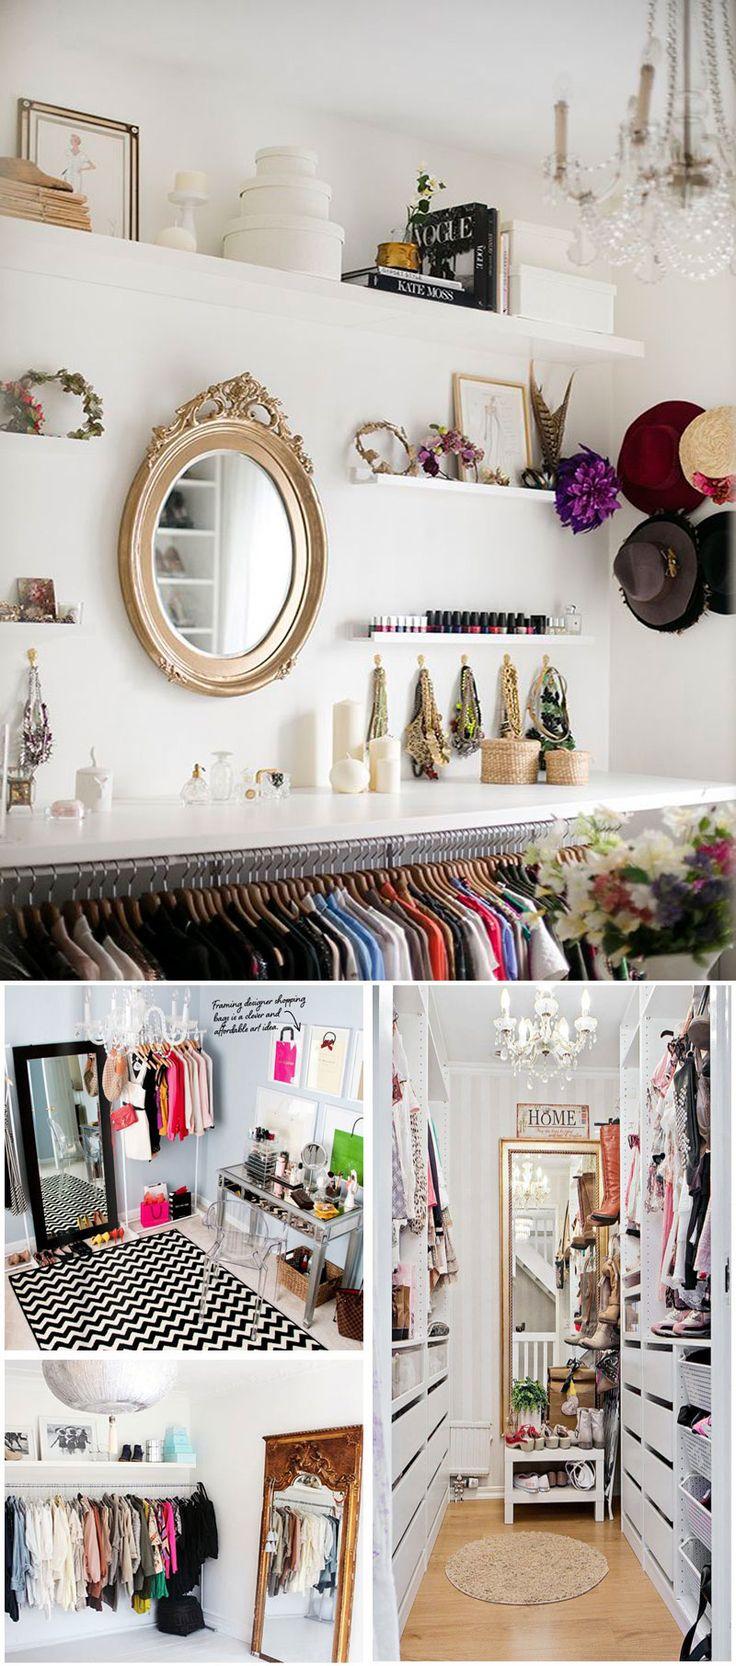 4 Dicas fáceis, simples e baratas para decorar e organizar o closet gastando pouco! São ideias que a gente reproduz sem ter trabalho e sem gastar muito!